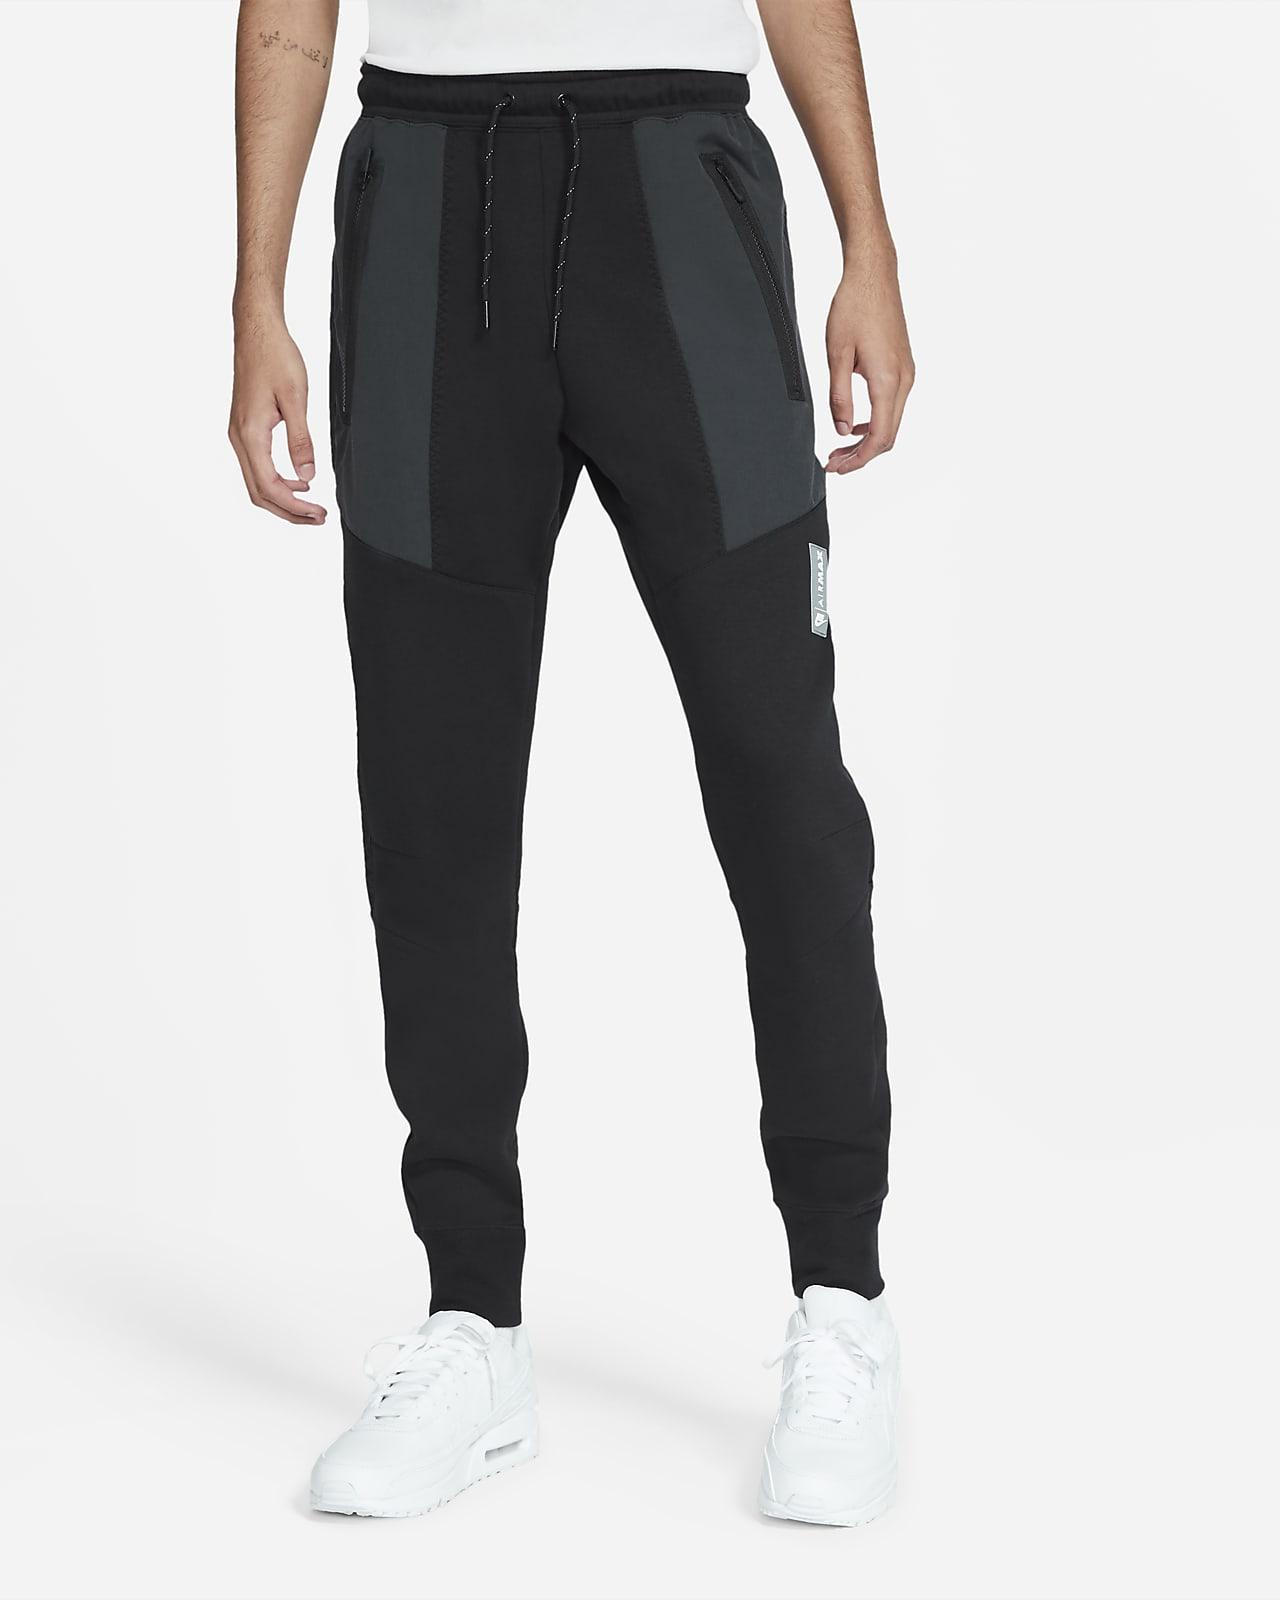 Nike Sportswear Air Max Men's Fleece Trousers